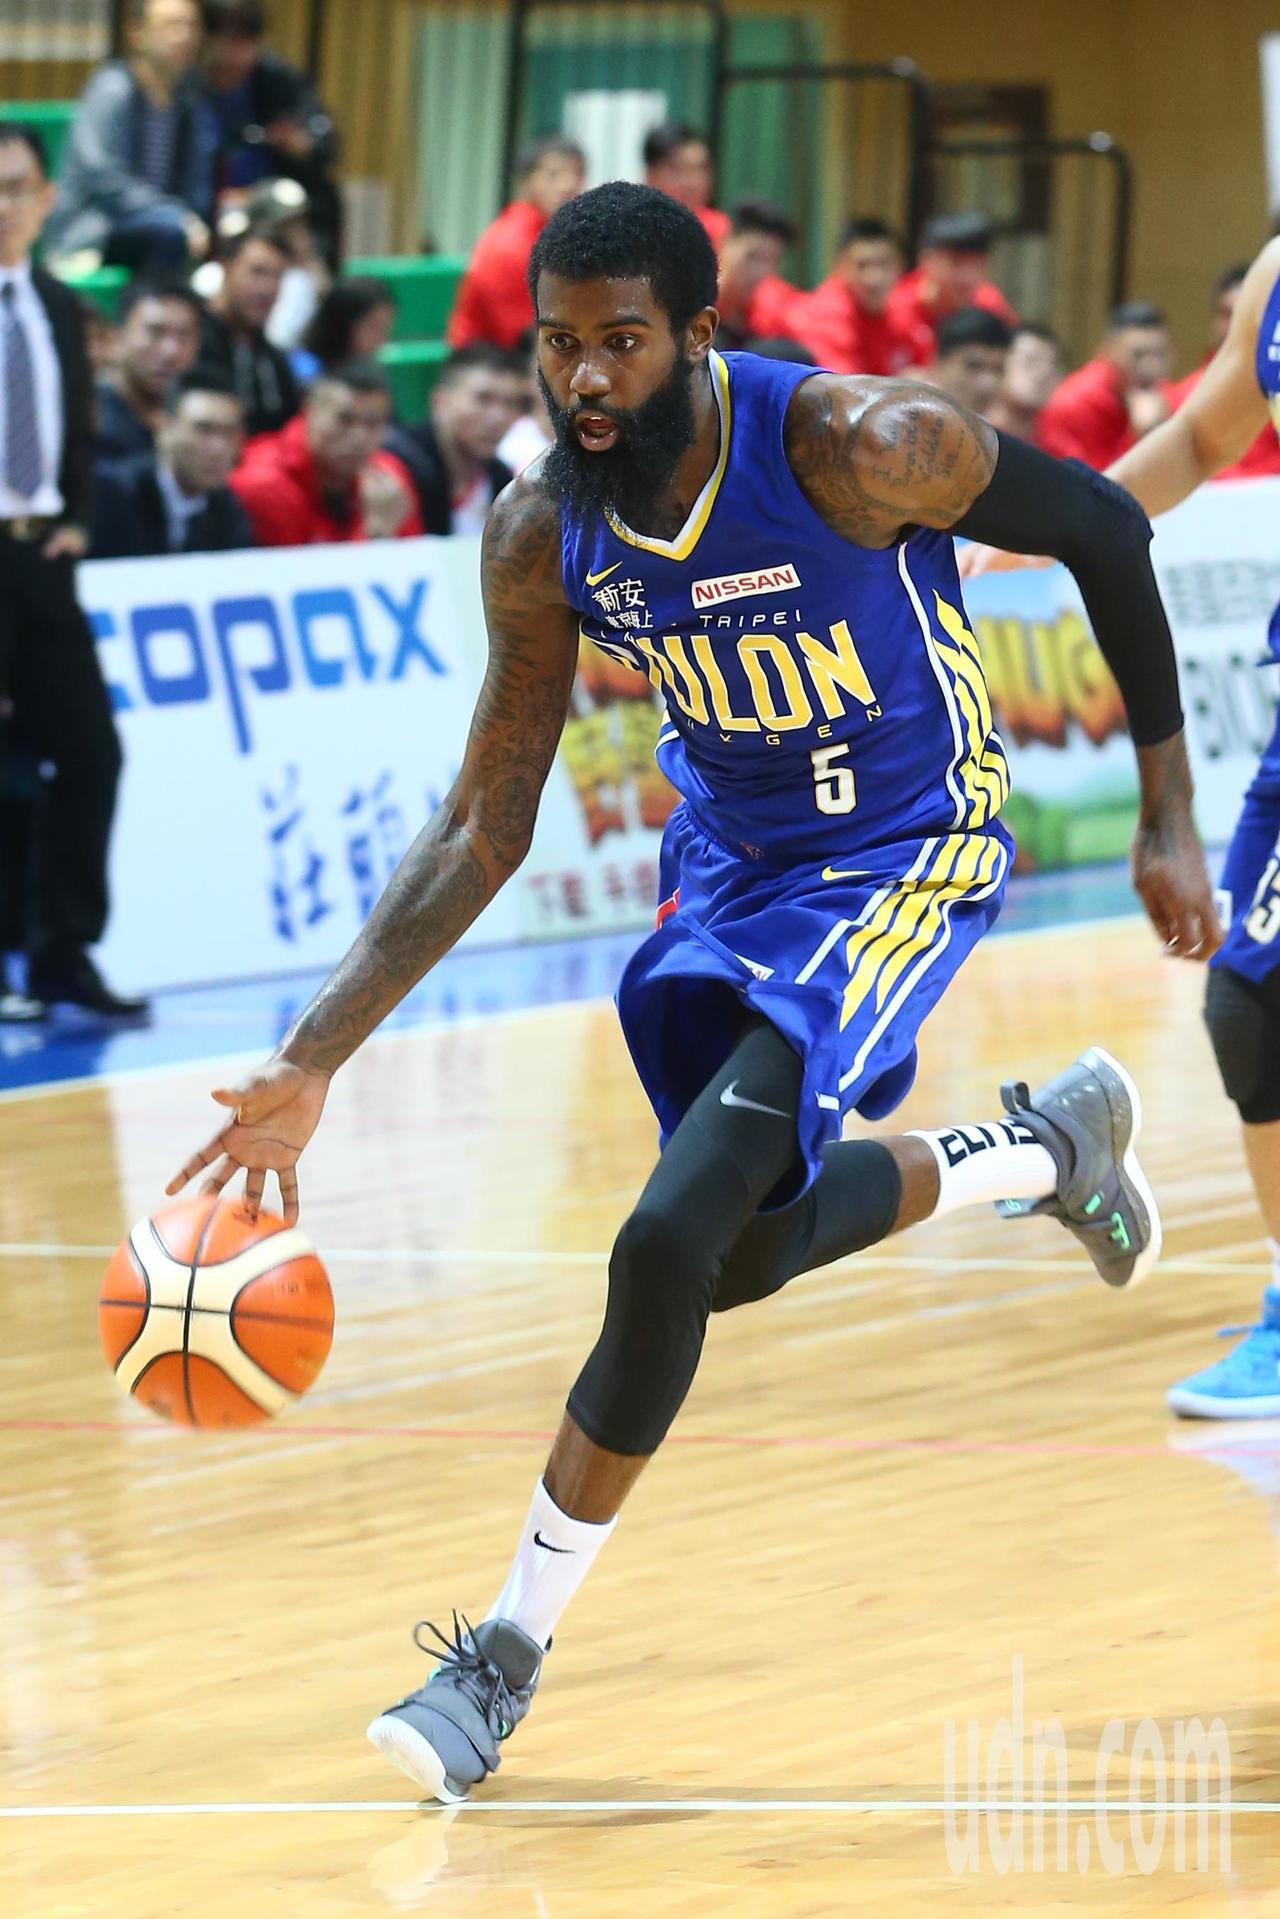 SBL超級籃球聯賽今晚在天母開打,洋將Terry Thomas拿下本季新高37分...